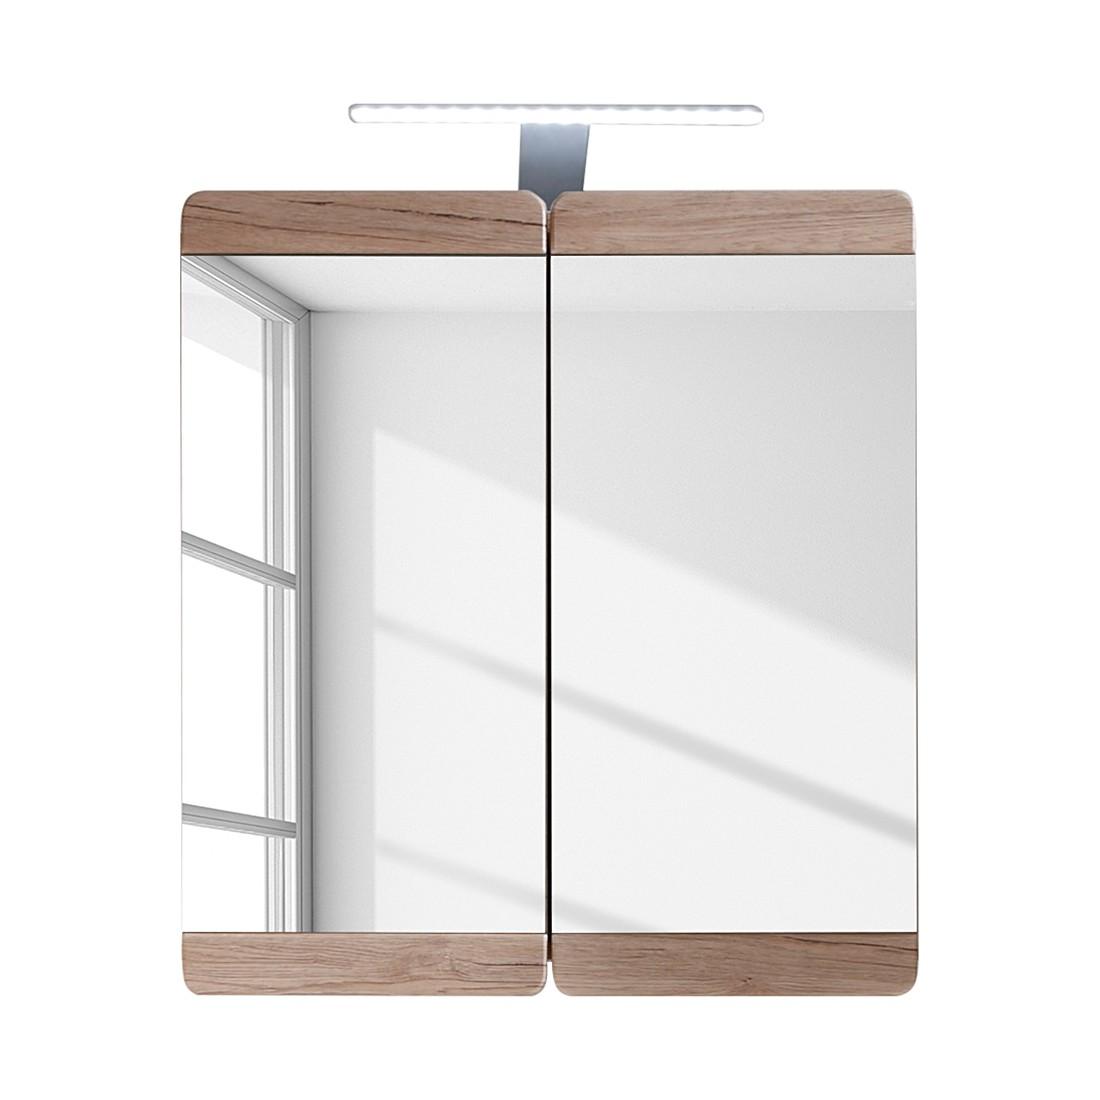 EEK A+, Armoire avec miroir Lamea - Imitation chêne de San Remo - Sans éclairage, Fredriks